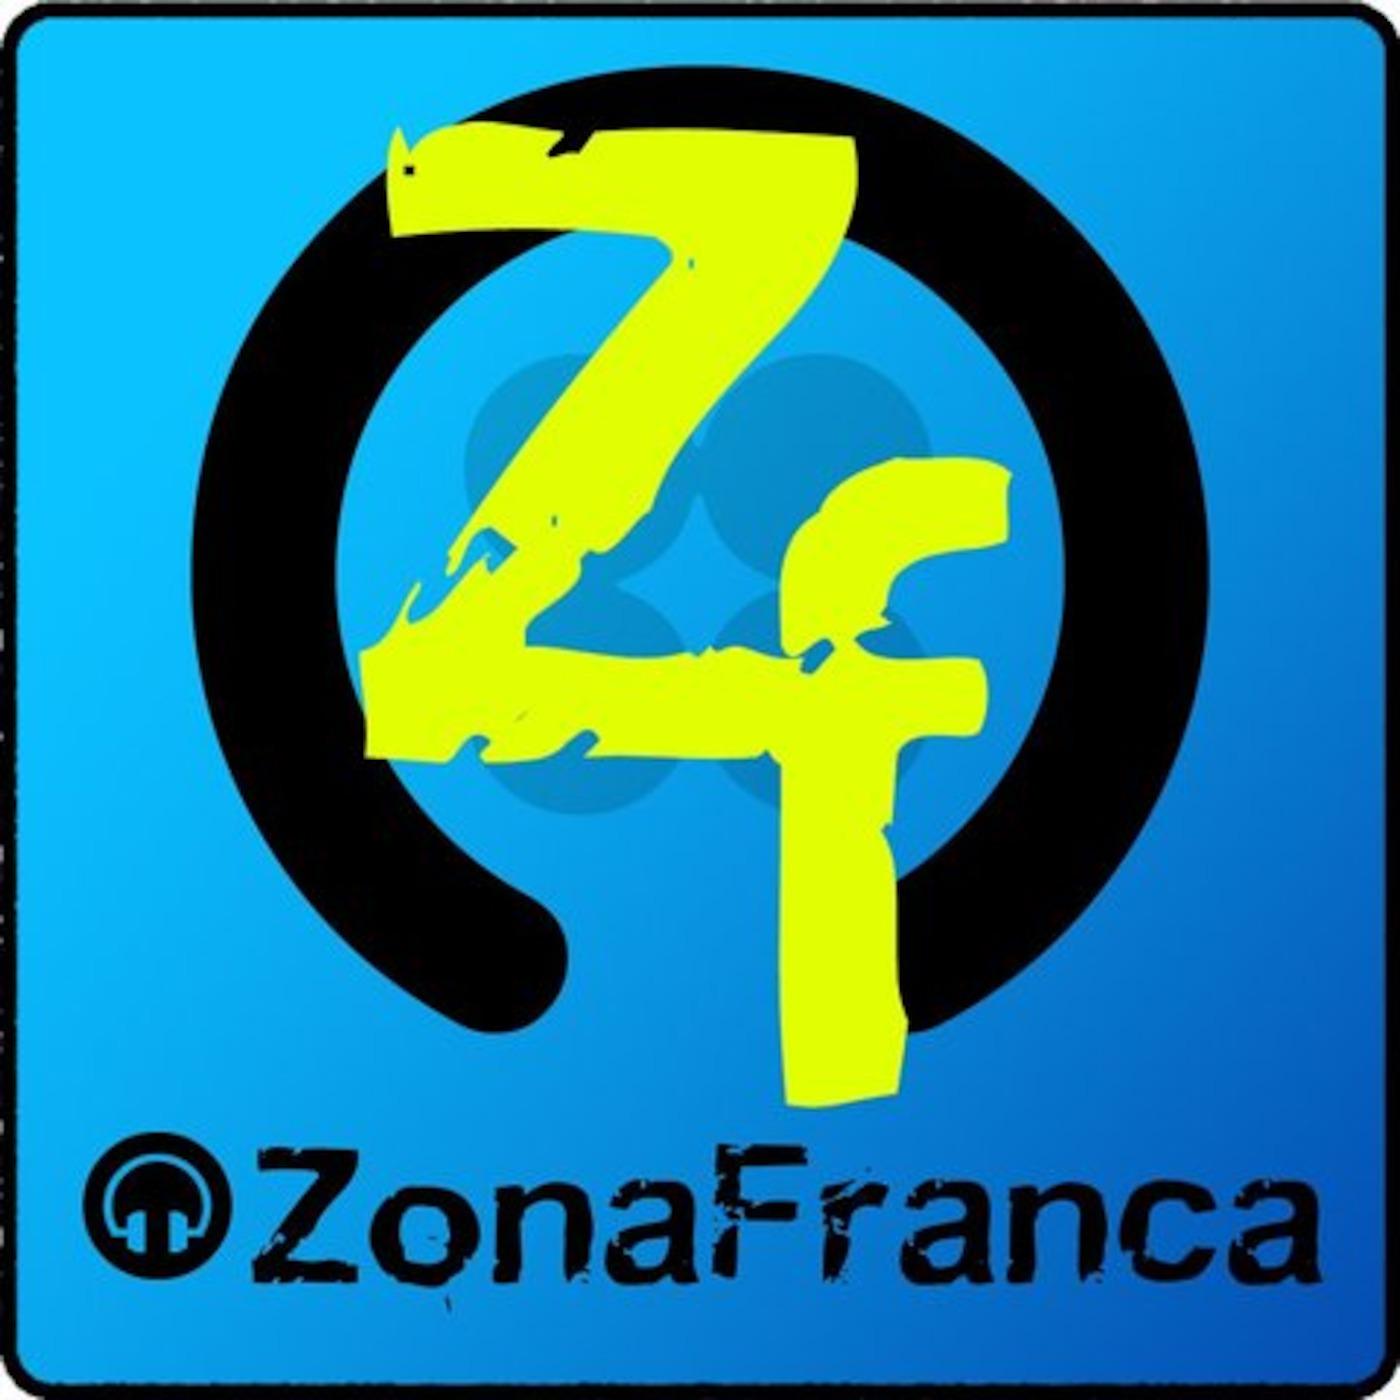 Zona Franca's Podcast